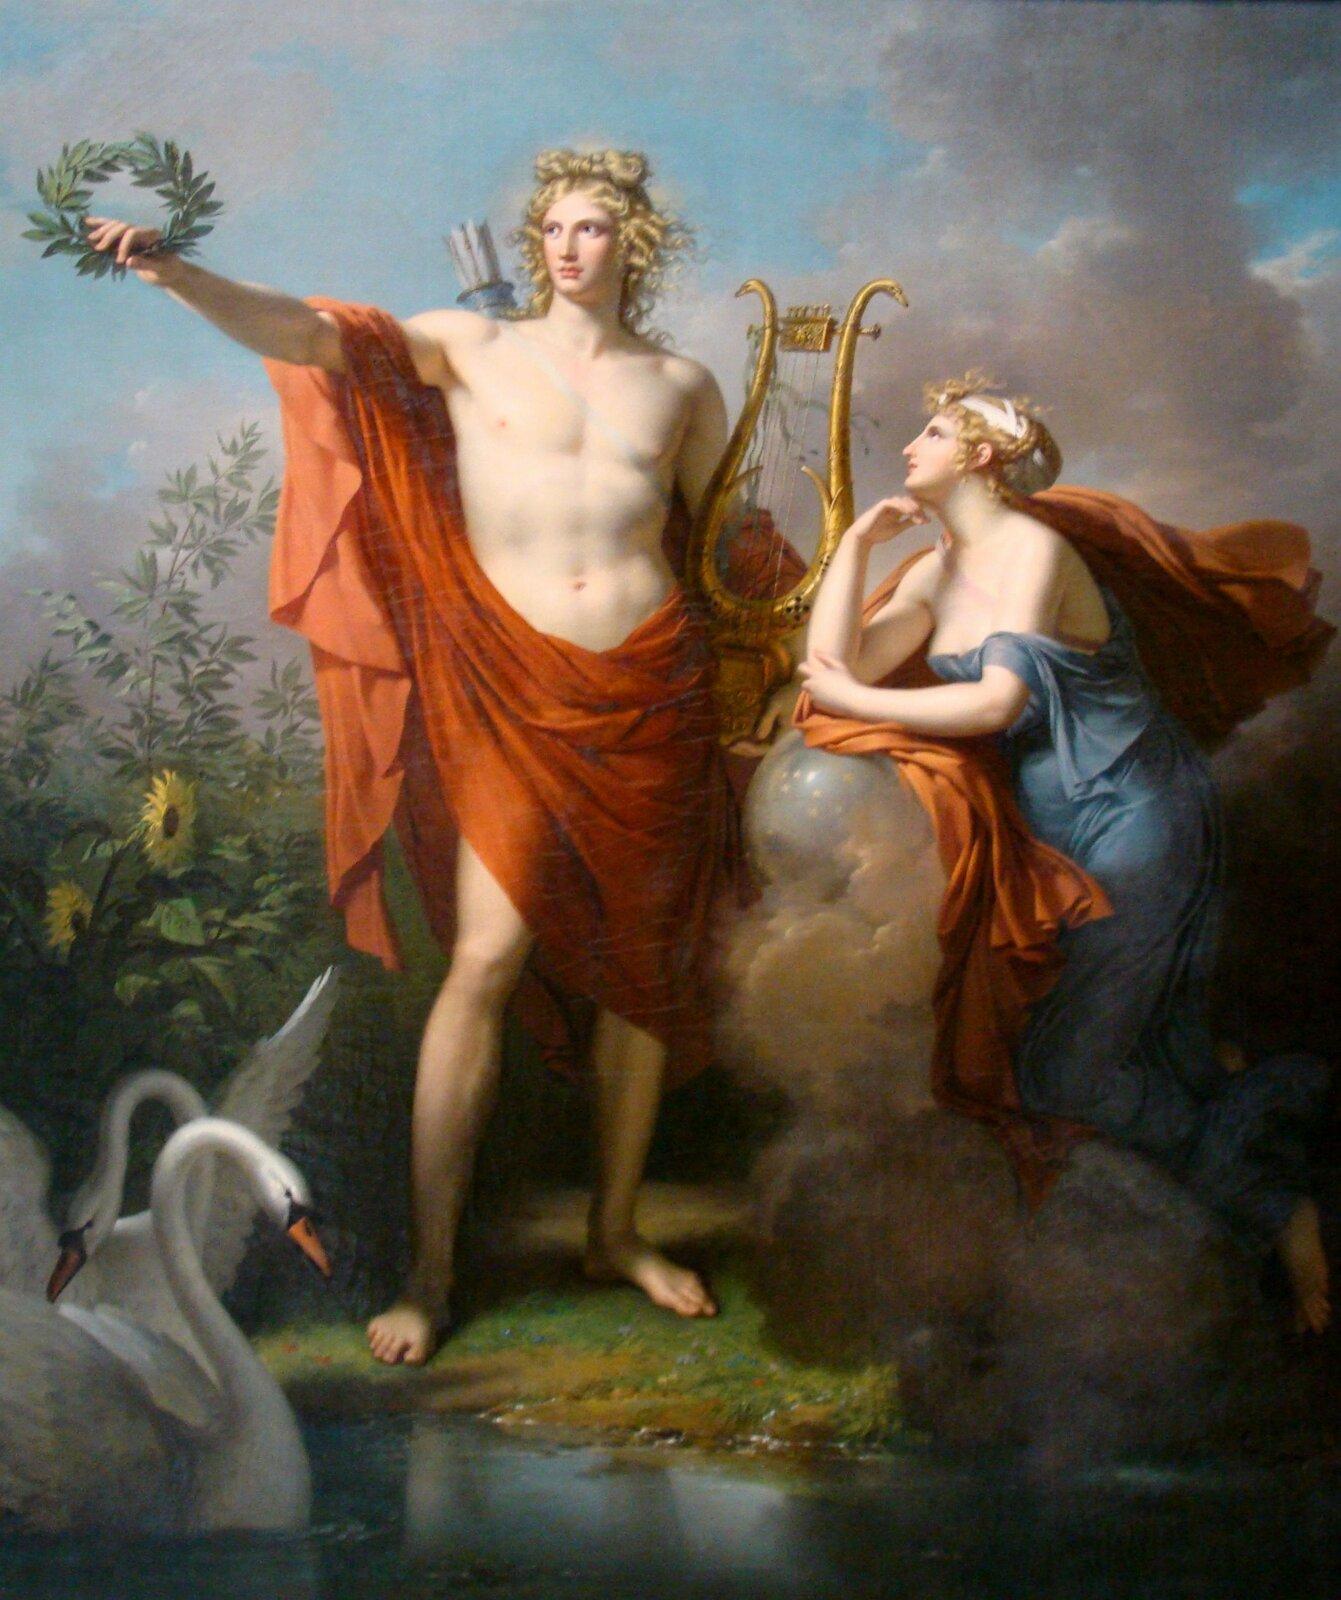 """Ilustracja przedstawiająca obraz Charlesa Meyniera pt. """"Apollo iUrania, muzy astronomii"""". Obraz przedstawia boga Apolla, który wjednej dłoni trzyma lirę, awdrugiej wieniec. Obok niego klęczy kobieta."""